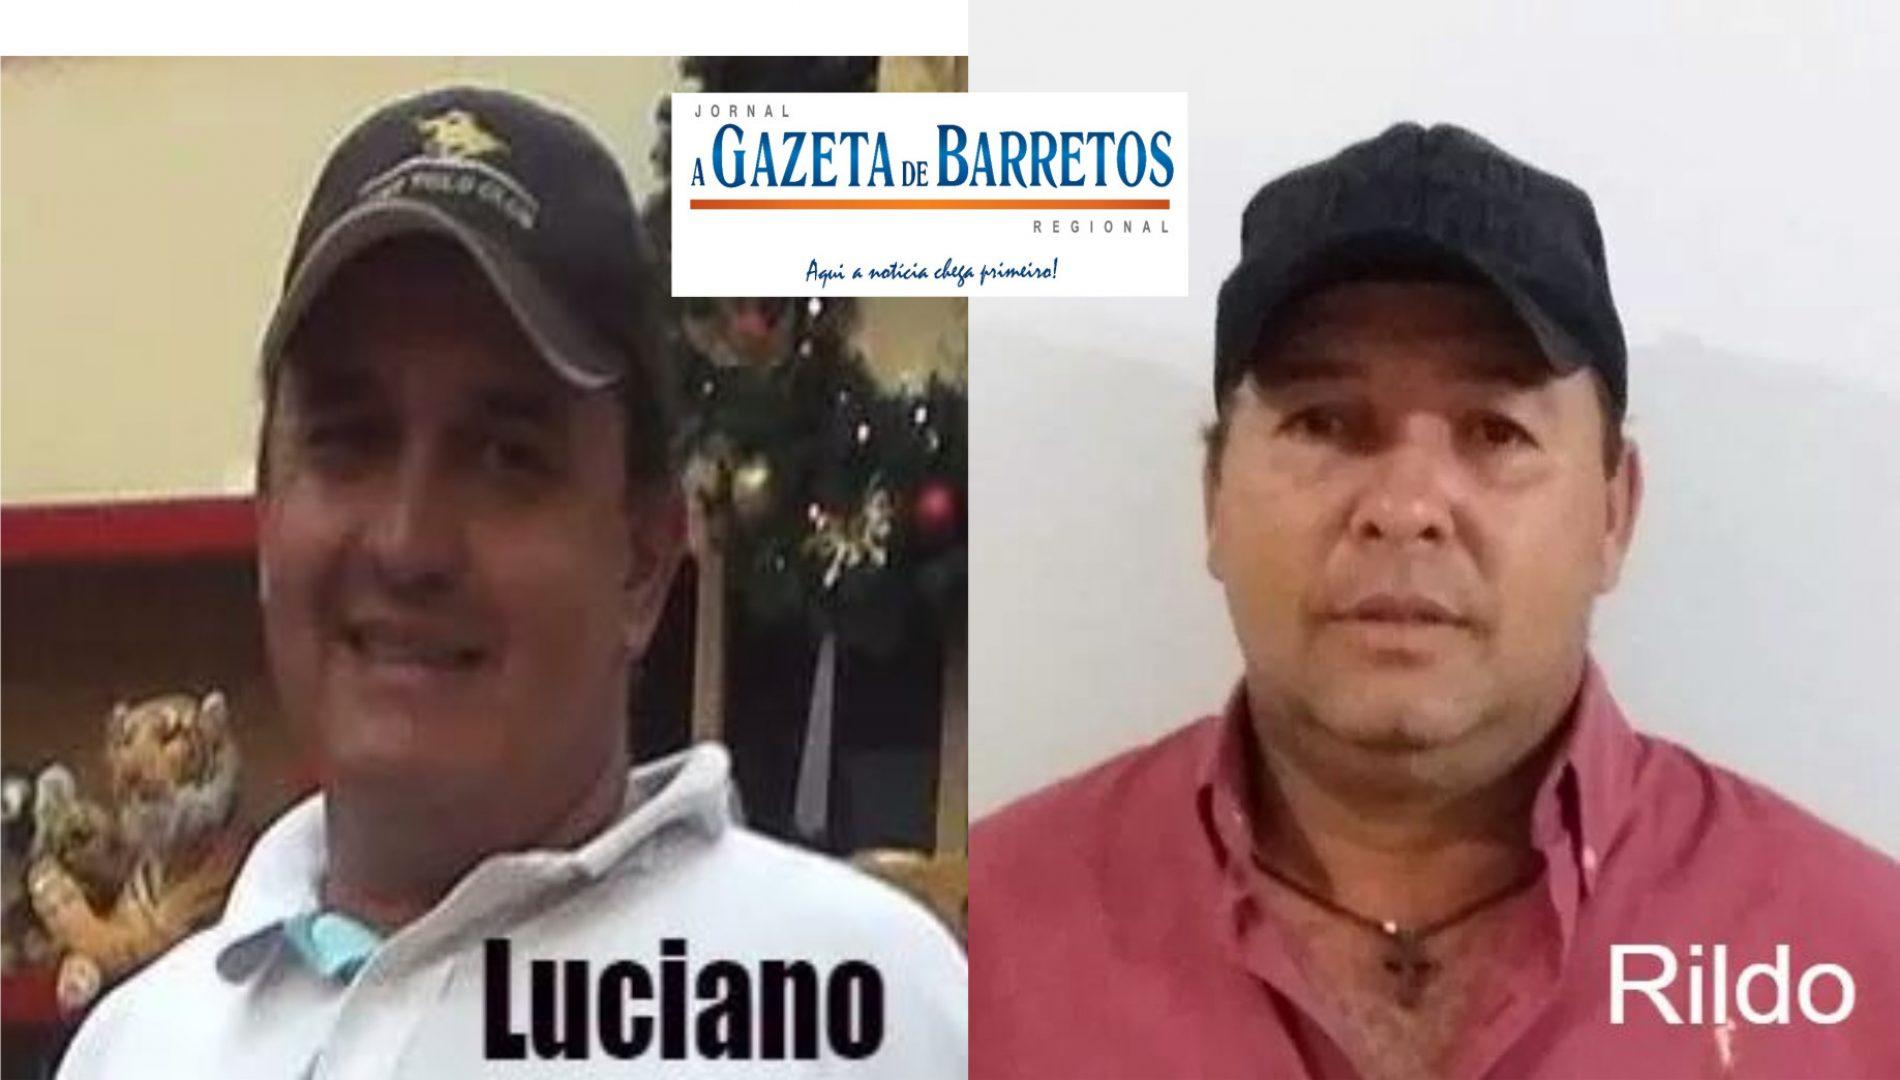 DESENTENDIMENTO EM GUAÍRA ACABA EM MORTE APÓS VITIMA SER ALVEJADA COM 4 TIROS